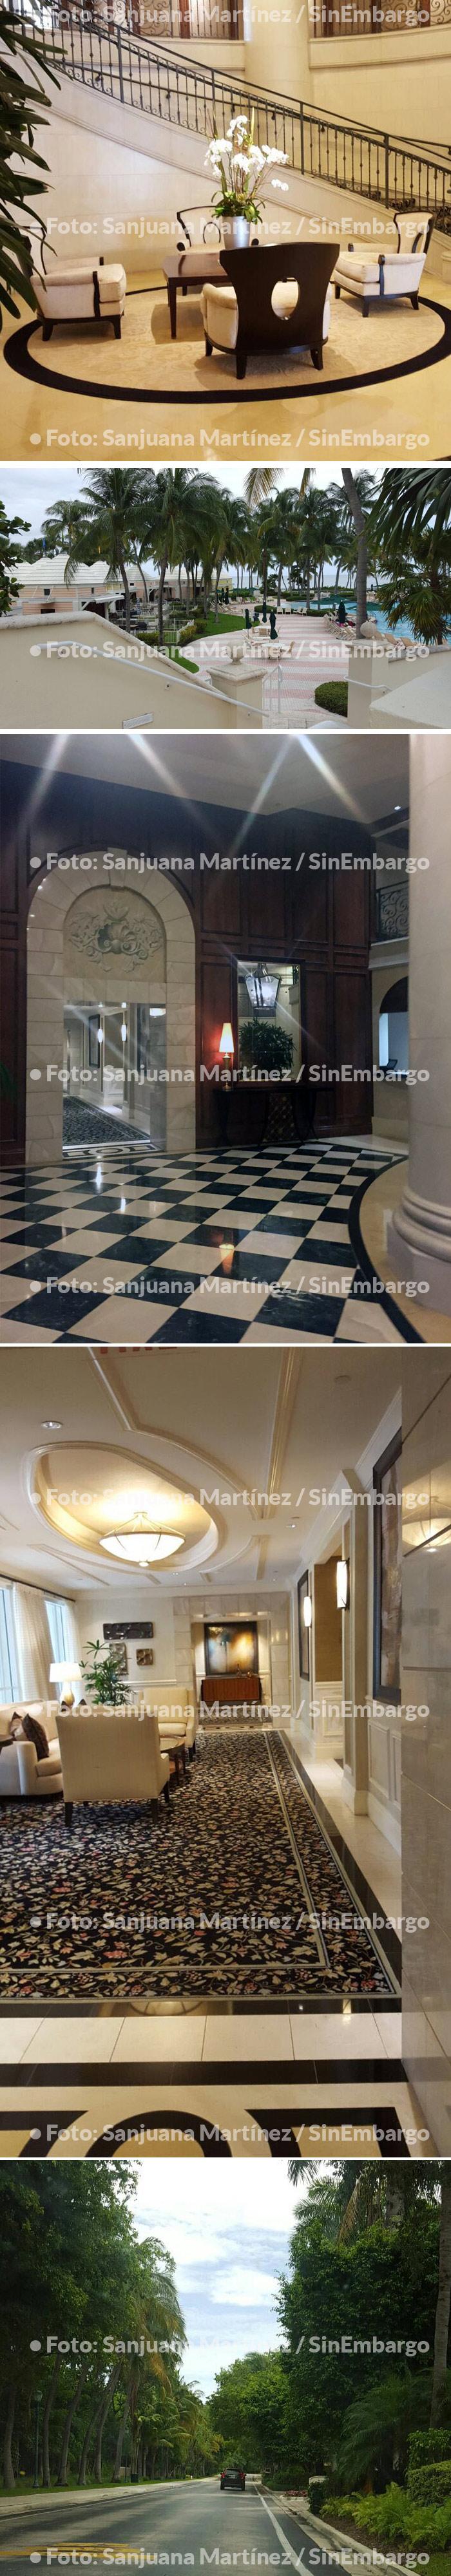 Dos departamentos en Miami. Fotos: Sanjuana Martínez, SinEmbargo